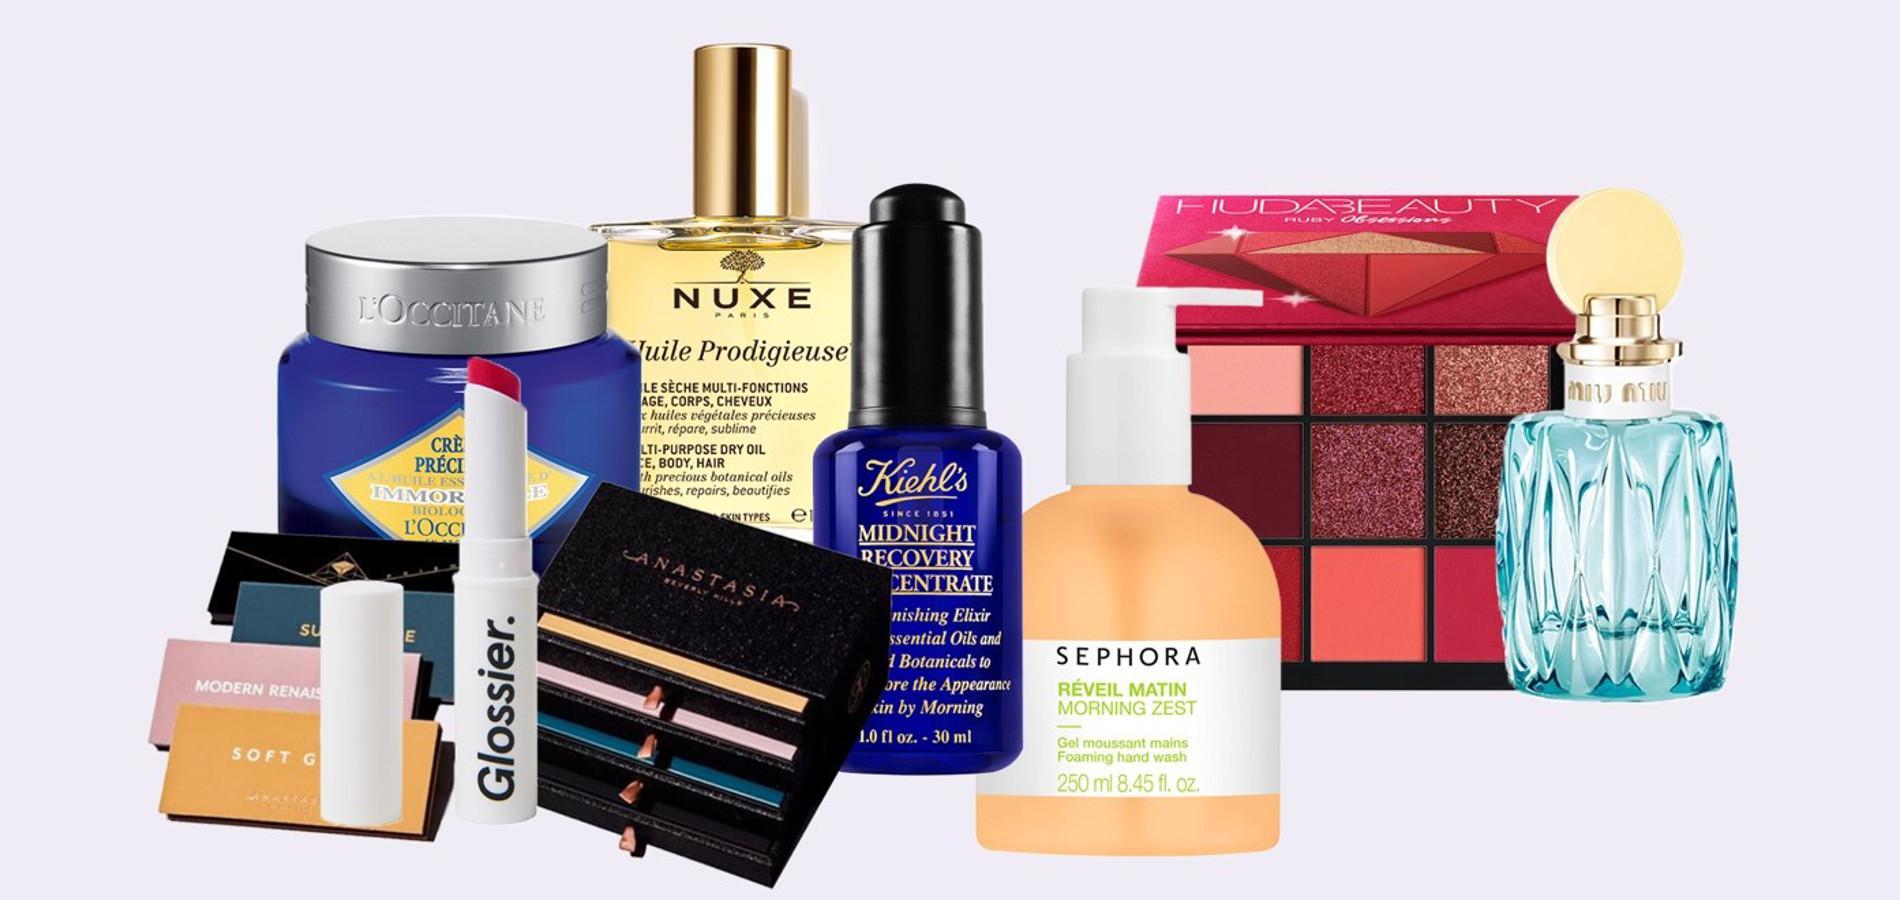 71d9cebfd40e Sephora, Nuxe, Glossier... Les meilleures promotions beauté du Black ...